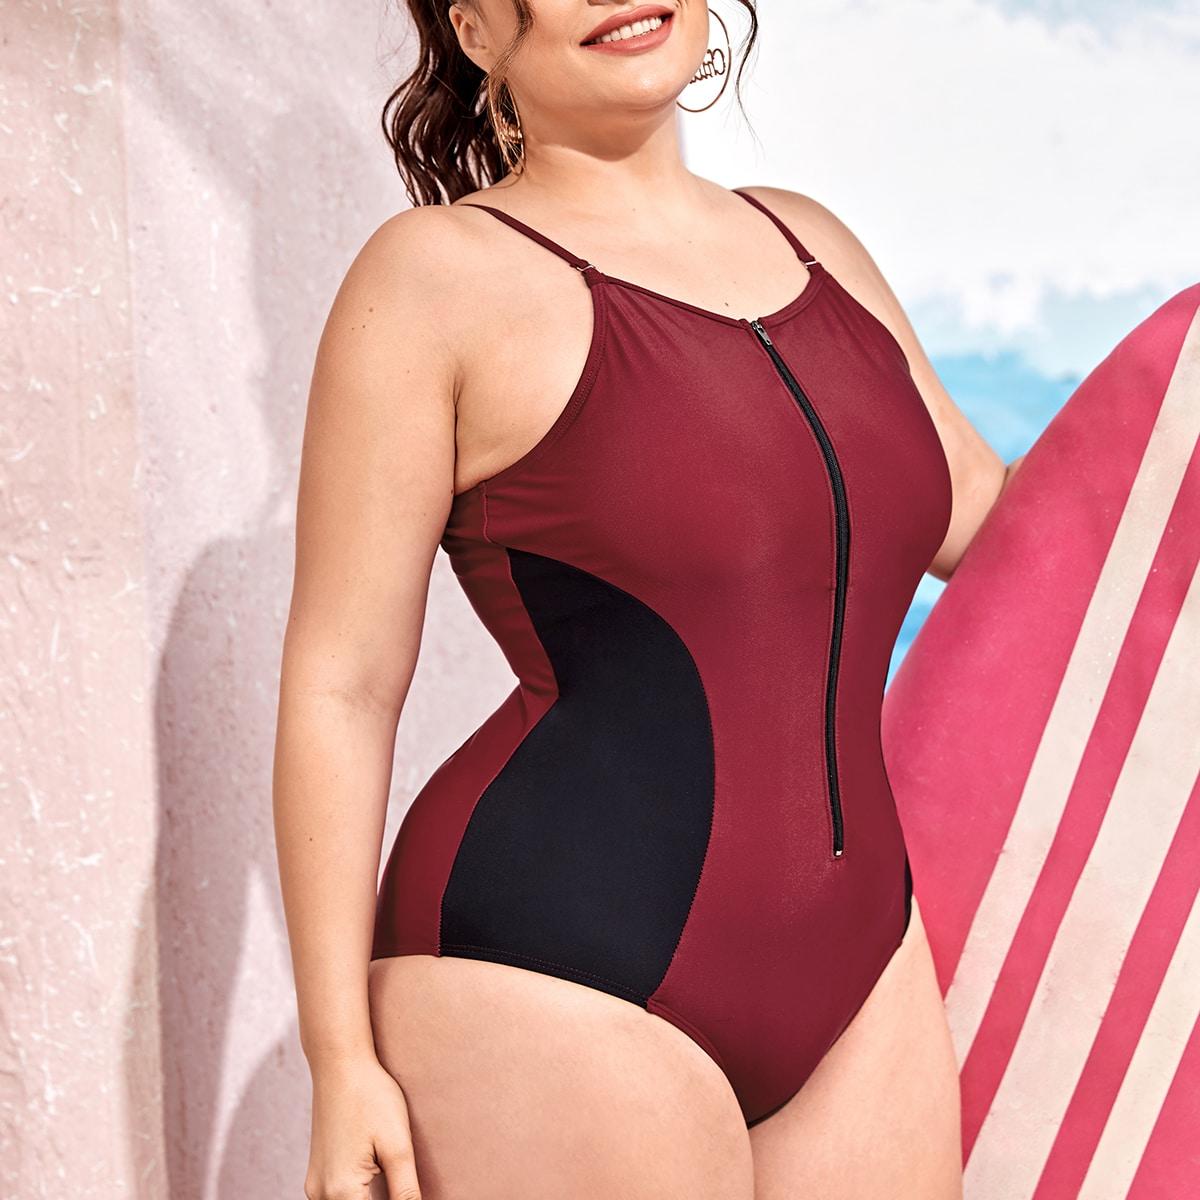 на молнии Контрастный цвет Спортивный Слитный купальник размер плюс